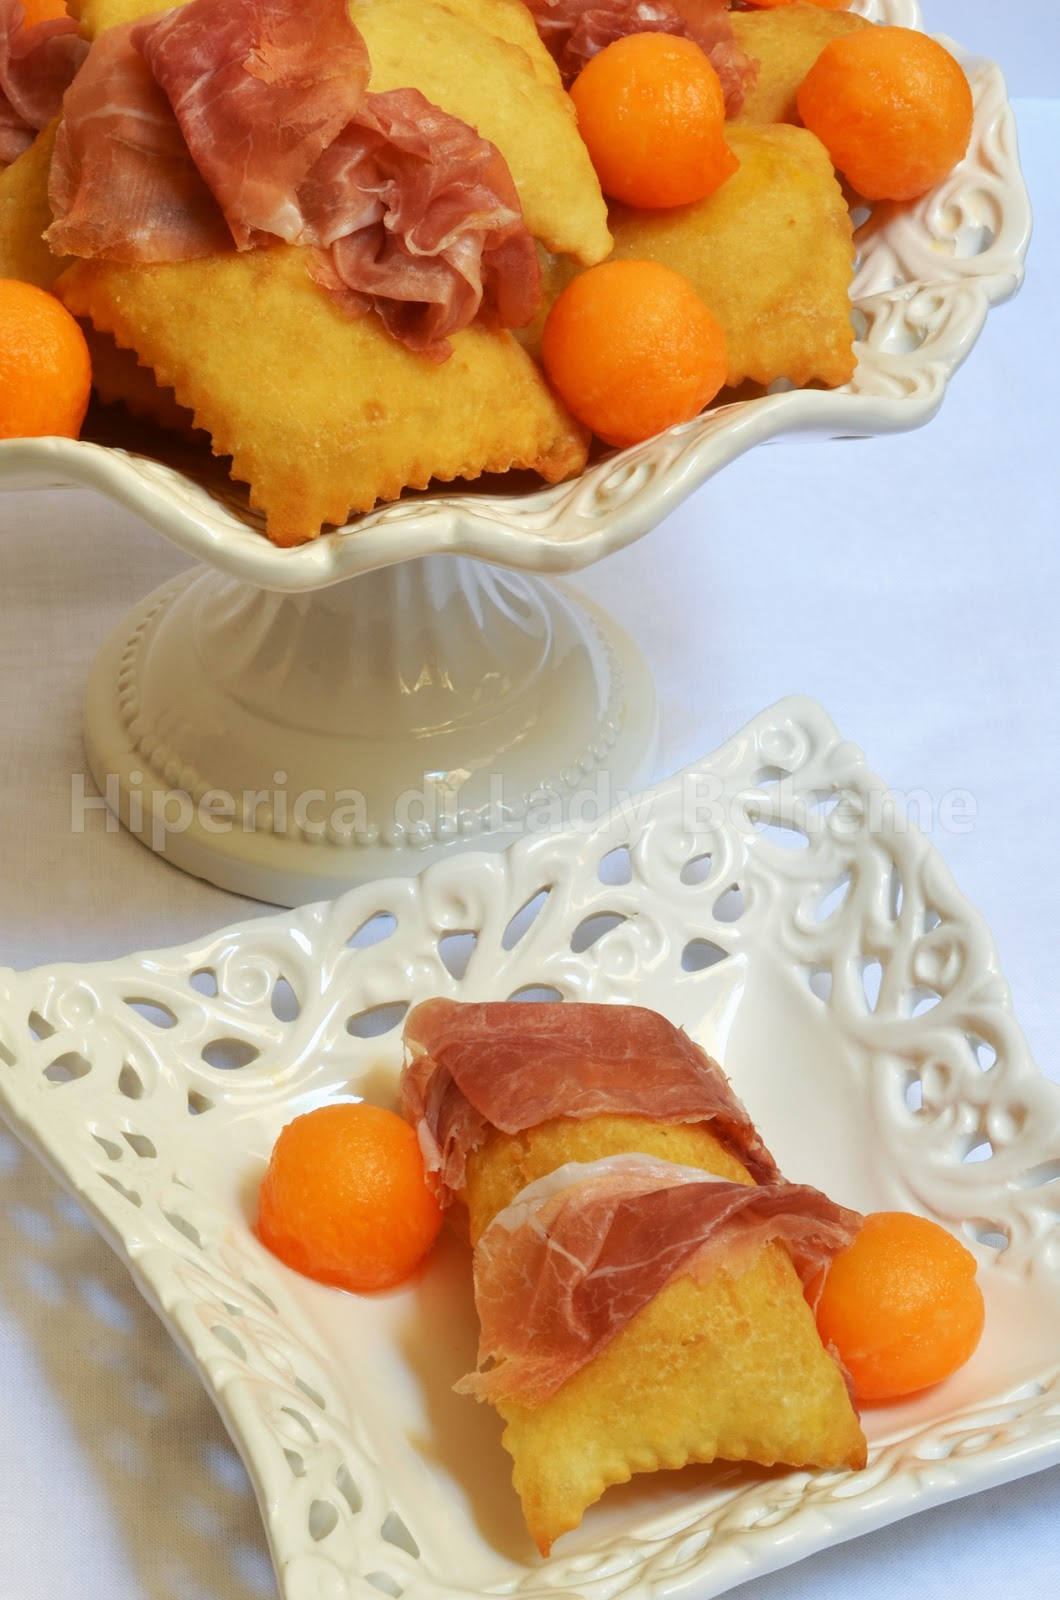 hiperica_lady_boheme_blog_cucina_ricette_gustose_facili_veloci_gnocco_fritto_senza_strutto_con_prosciutto_e_melone_2